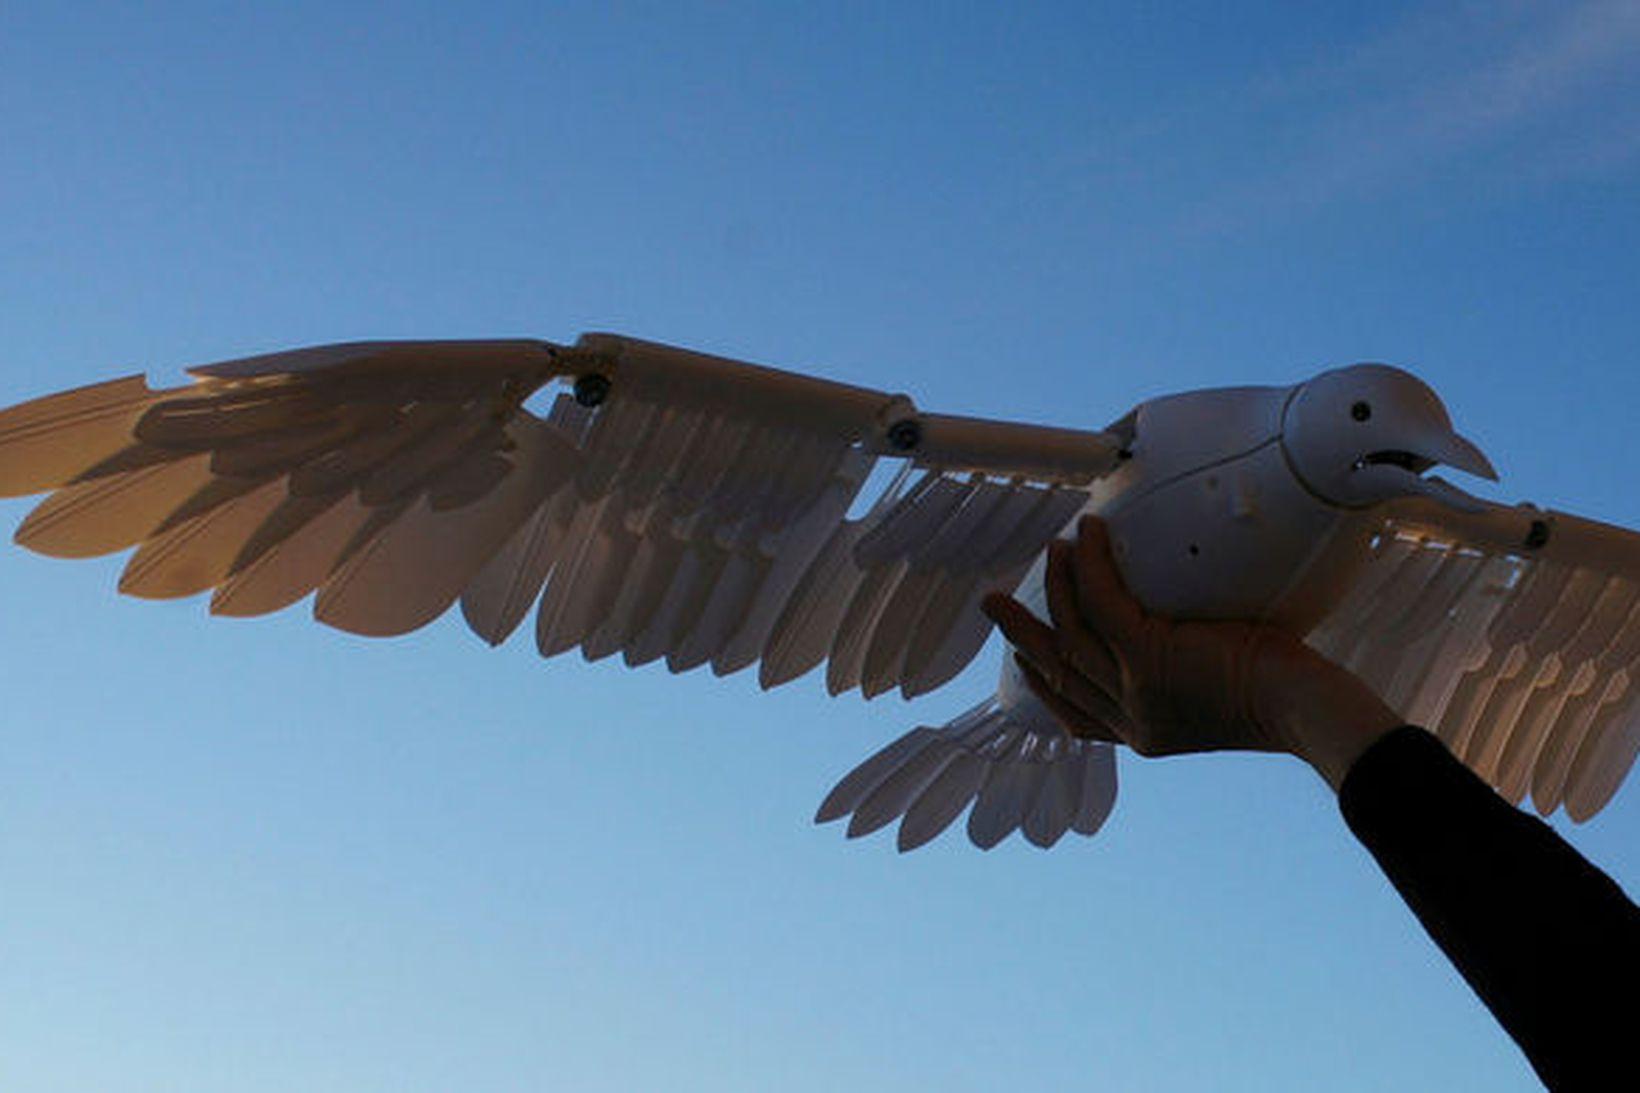 Þessi dróni flýgur með vængjaslætti líkt og fuglar.